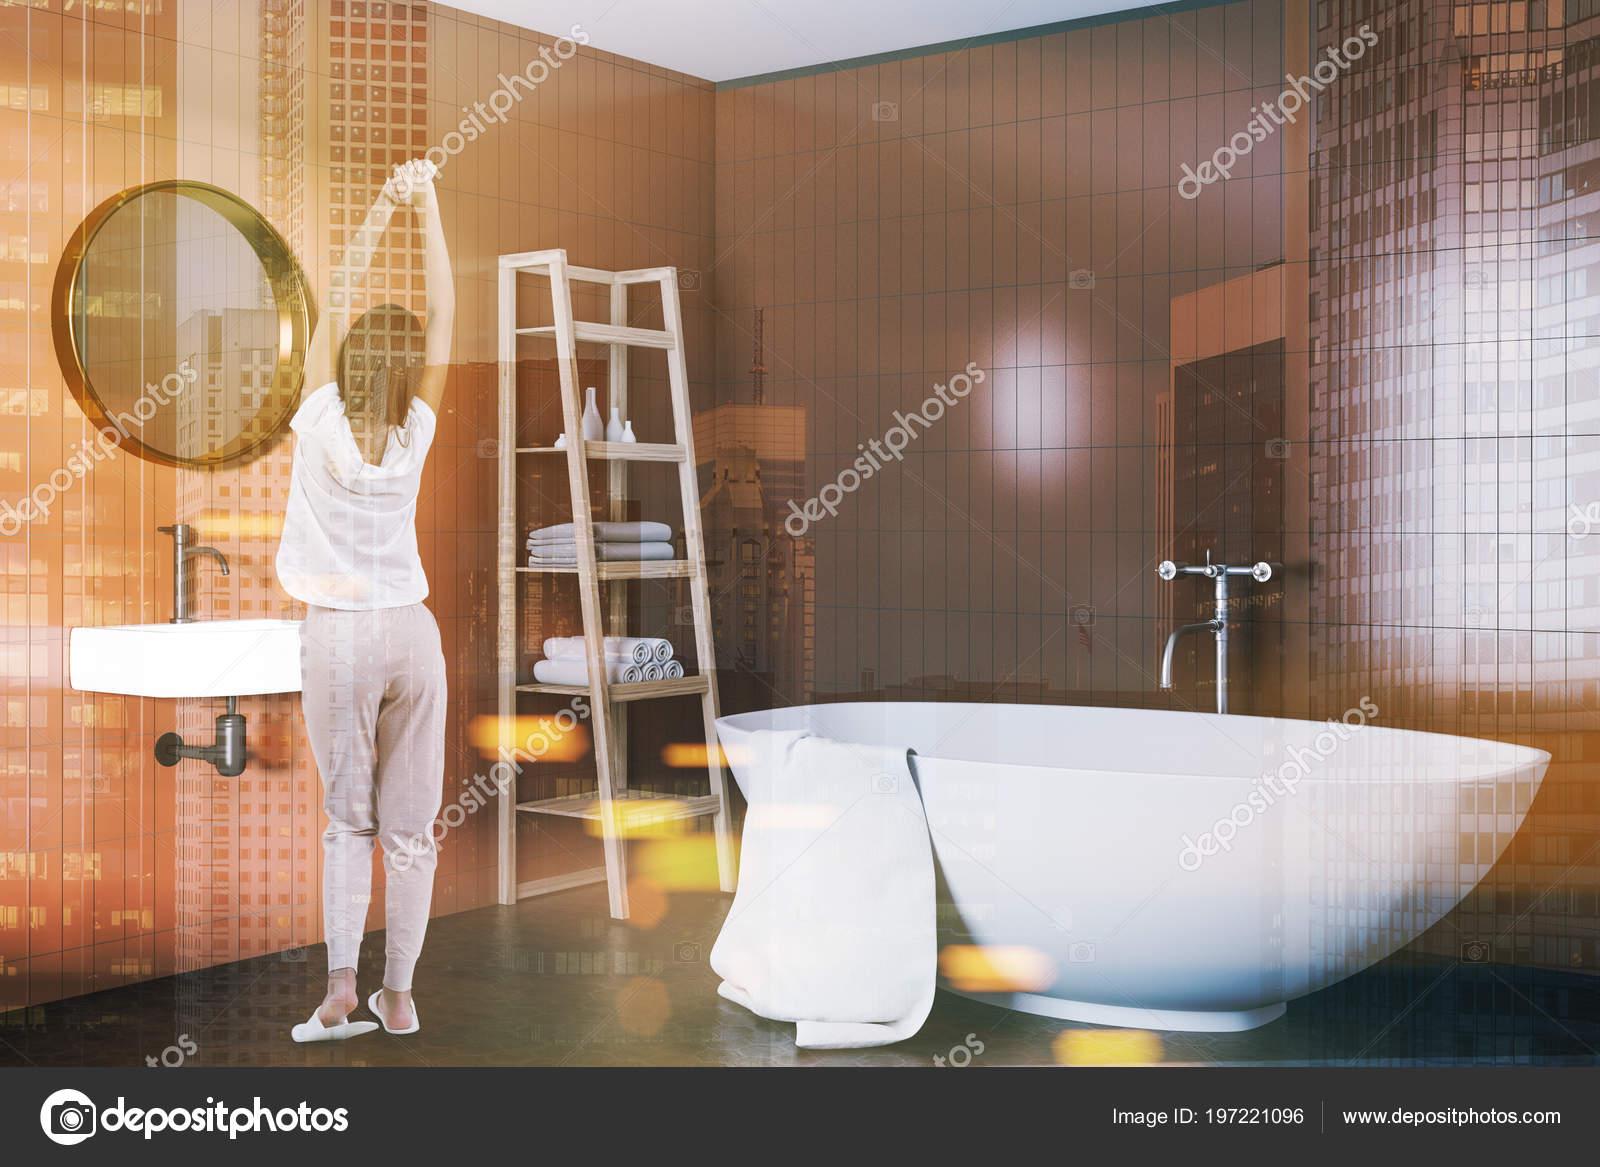 Vasca Da Bagno Bloccata : Angolo interno bagno beige con una vasca bagno bianca lavandino